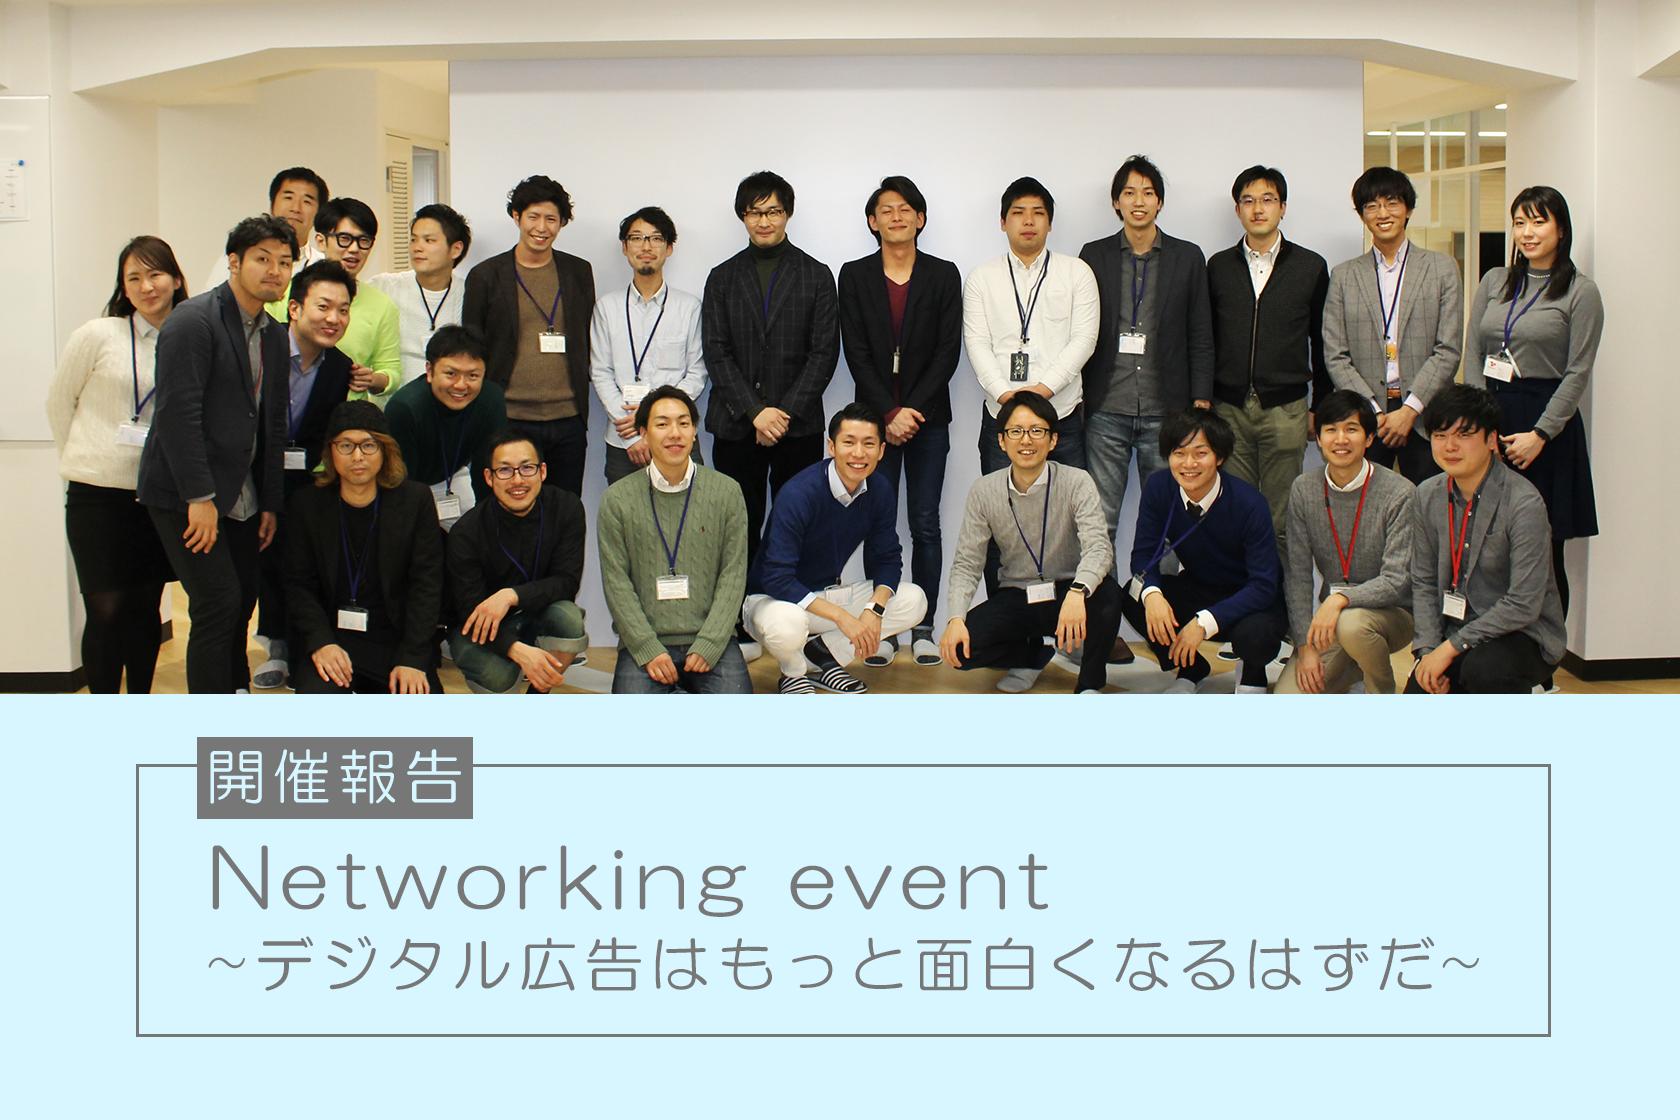 『Networking event~デジタル広告はもっと面白くなるはずだ~』を開催しました